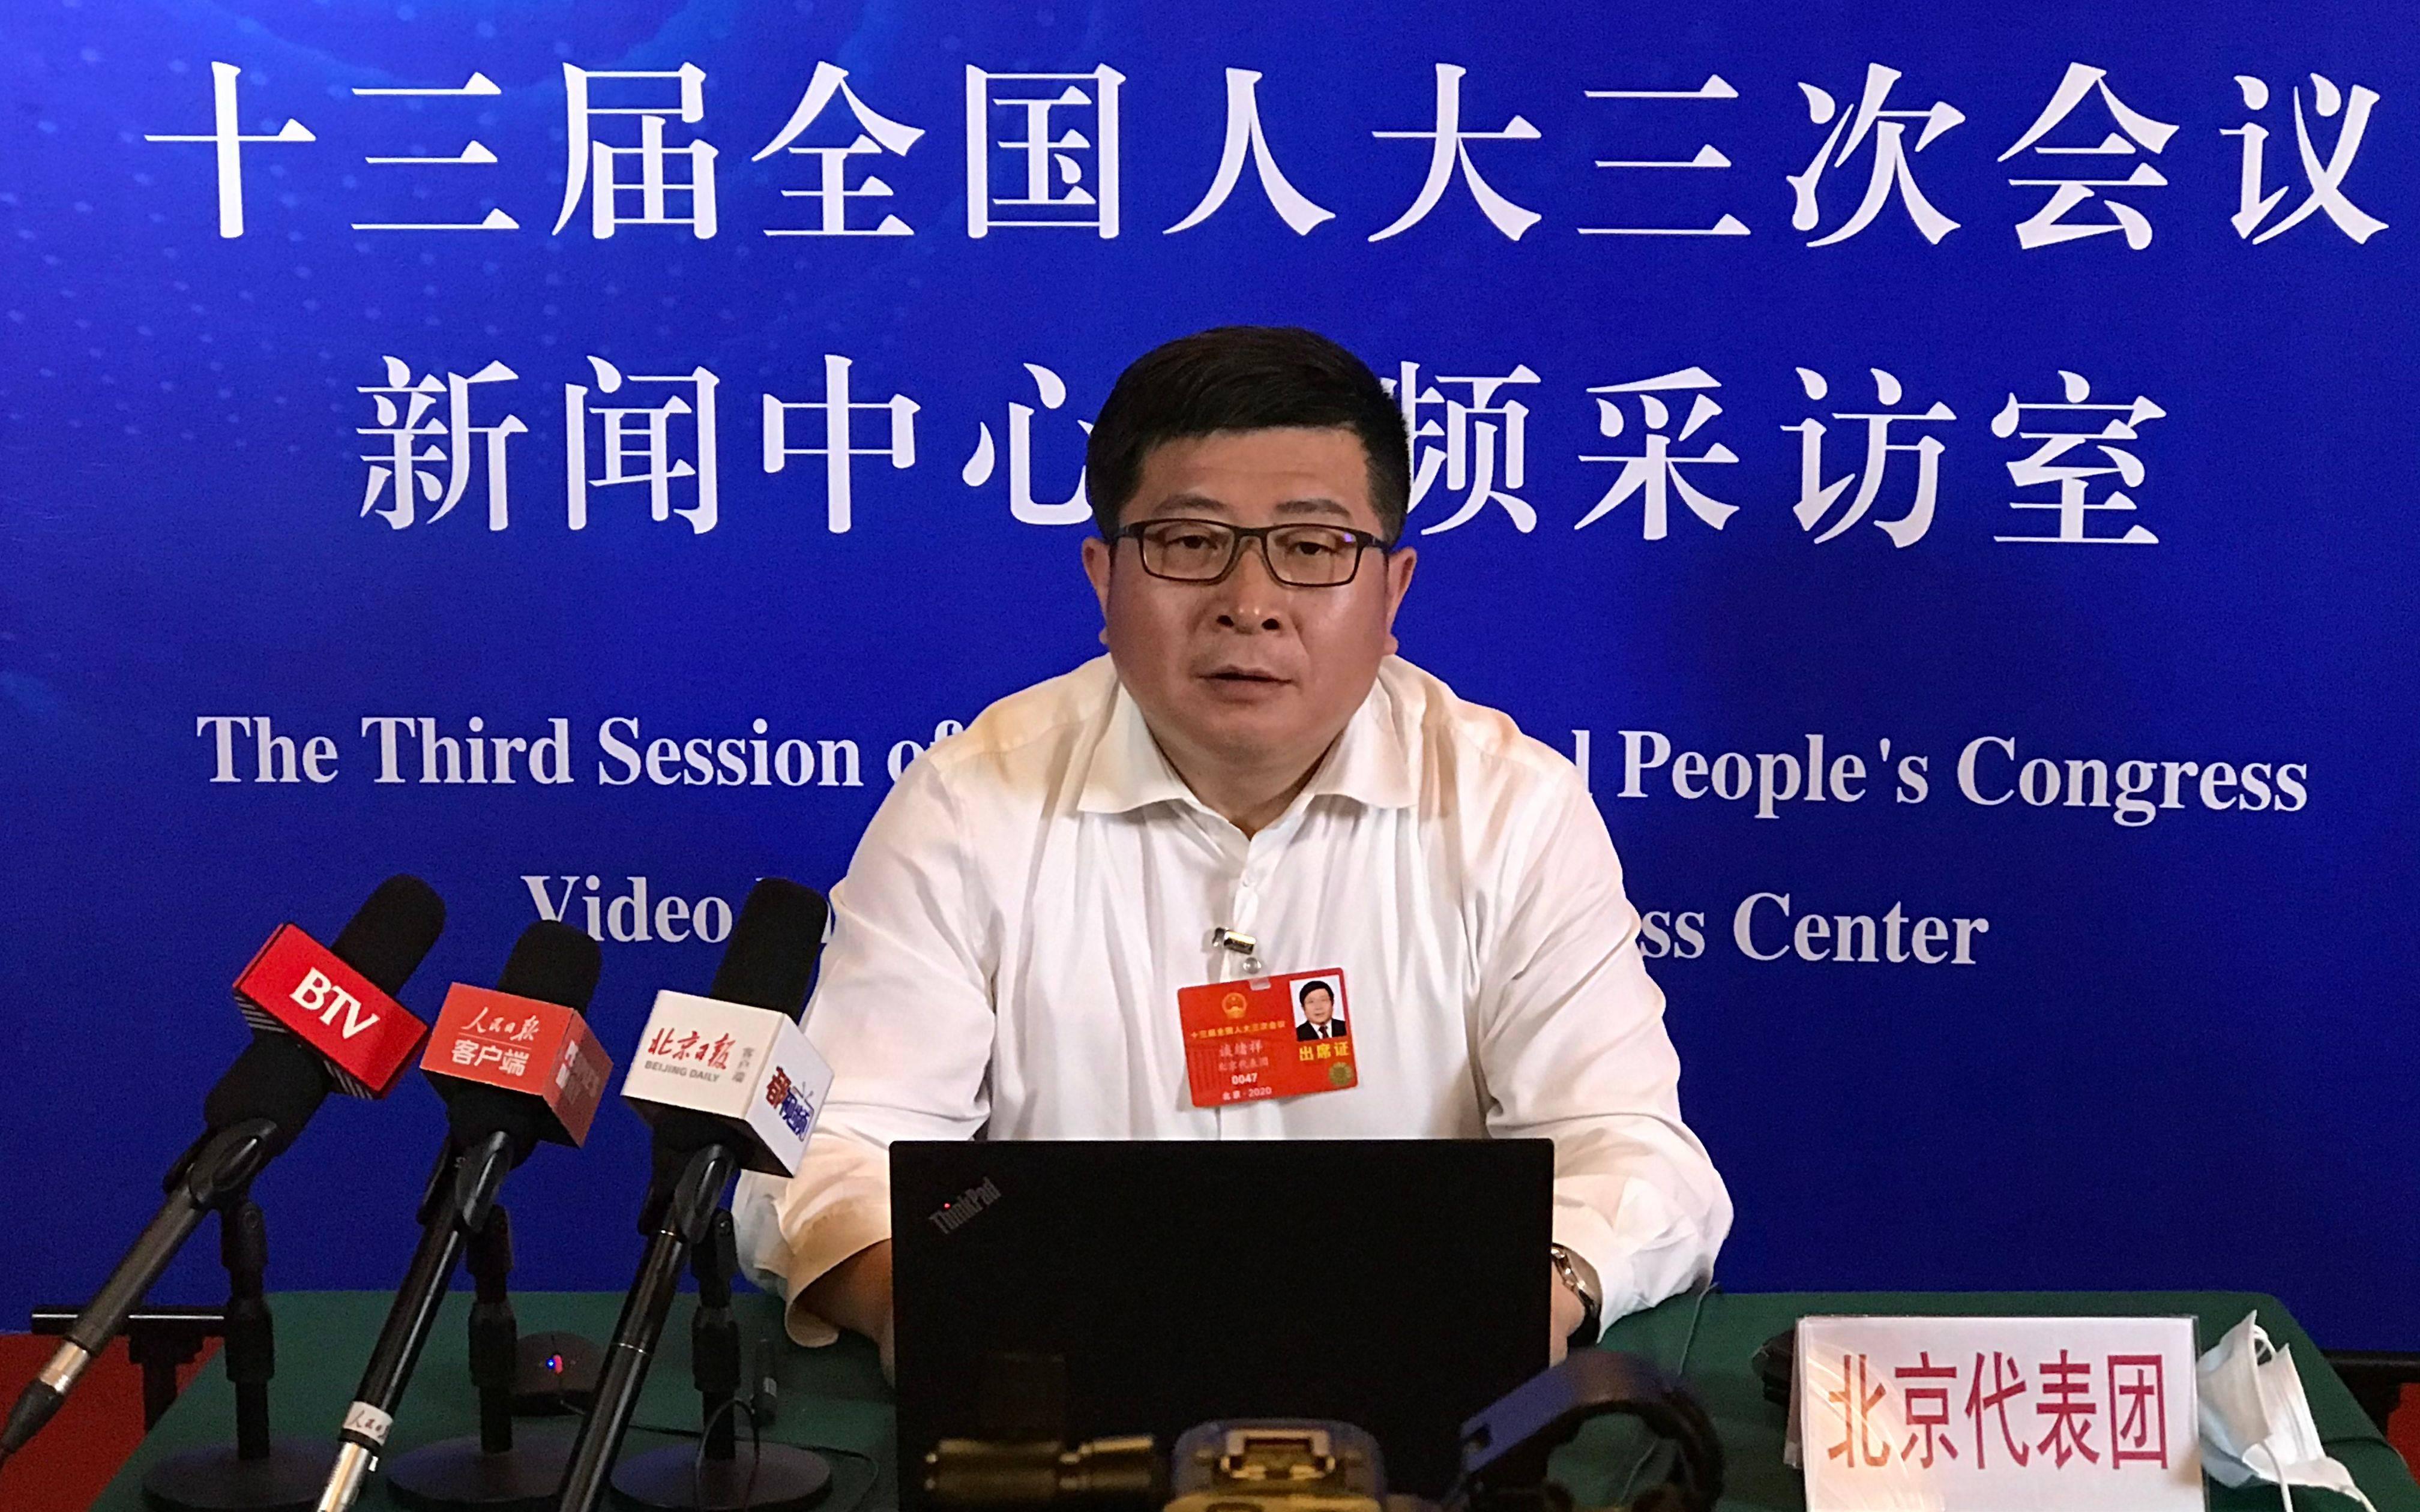 市发改委主任谈绪祥:北京正在谋划优化营商环境4.0版